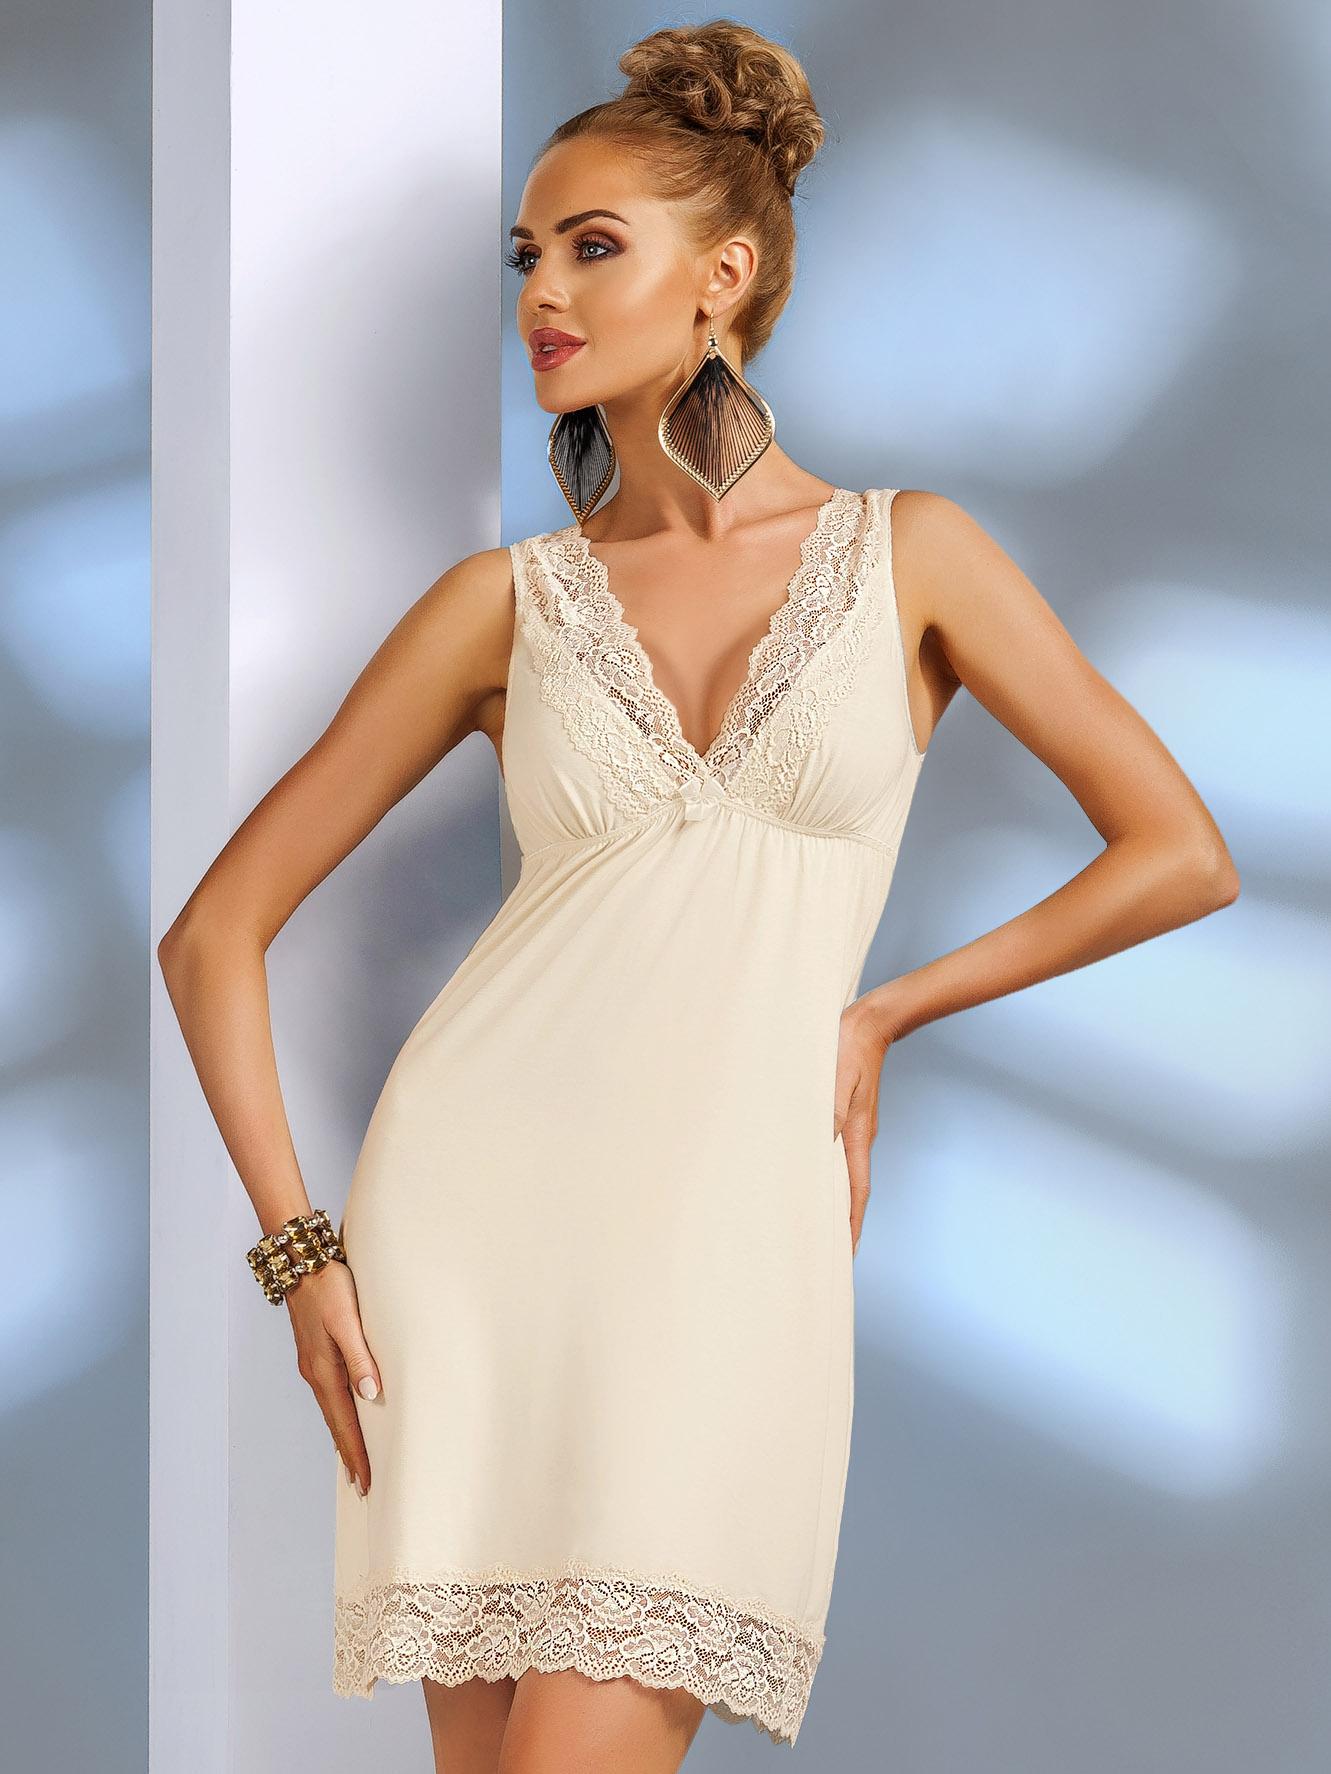 Donna NADIA nakts kleita